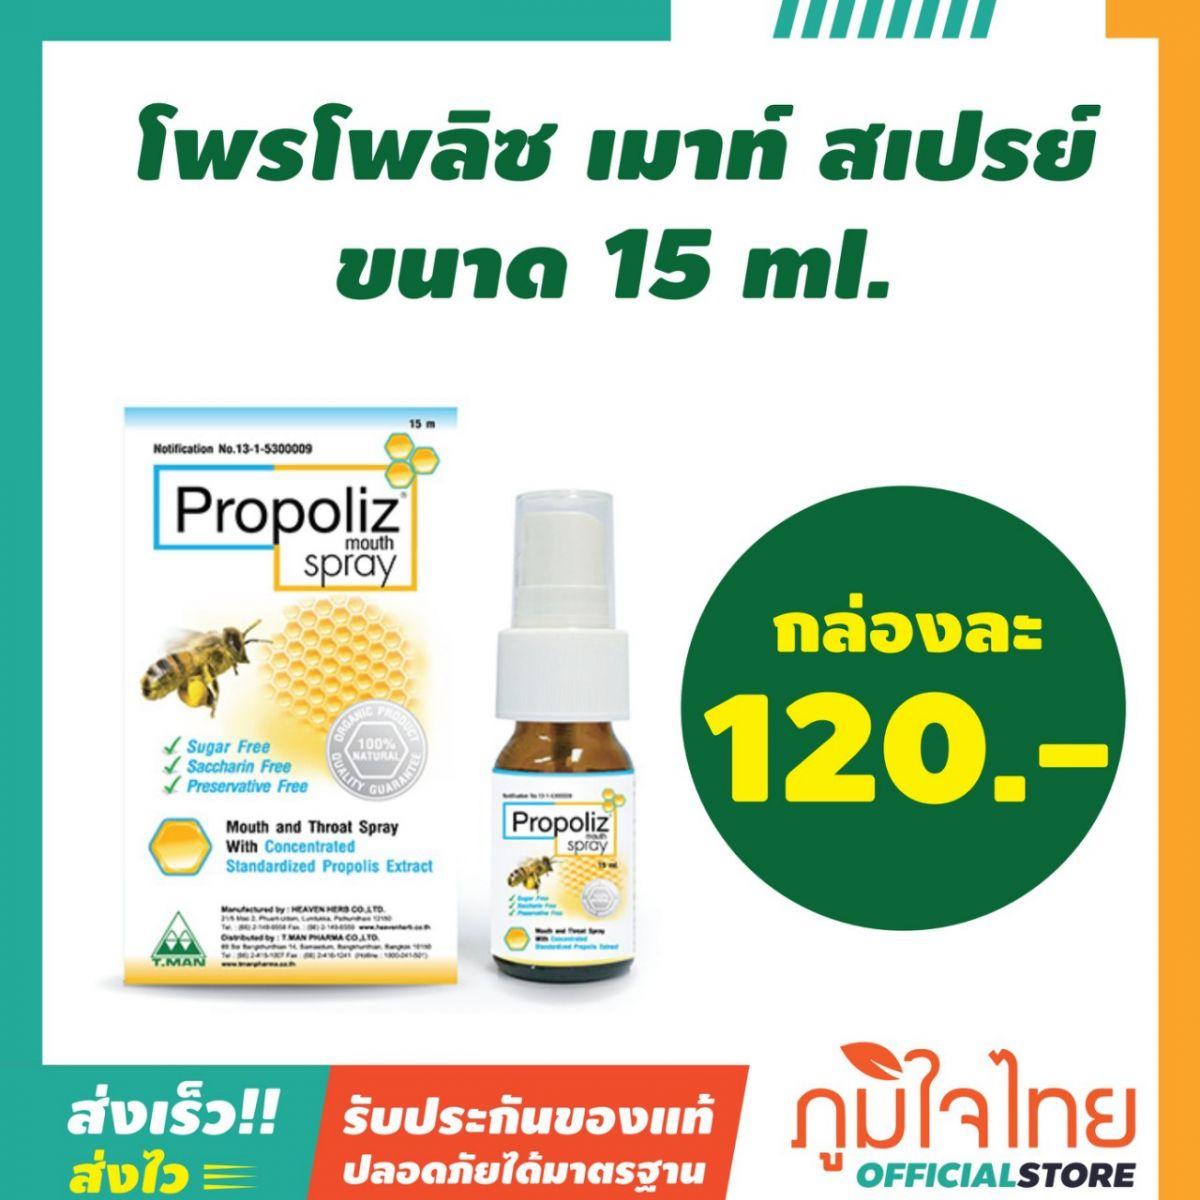 โพรโพลิซ เมาท์ สเปรย์ 15ml